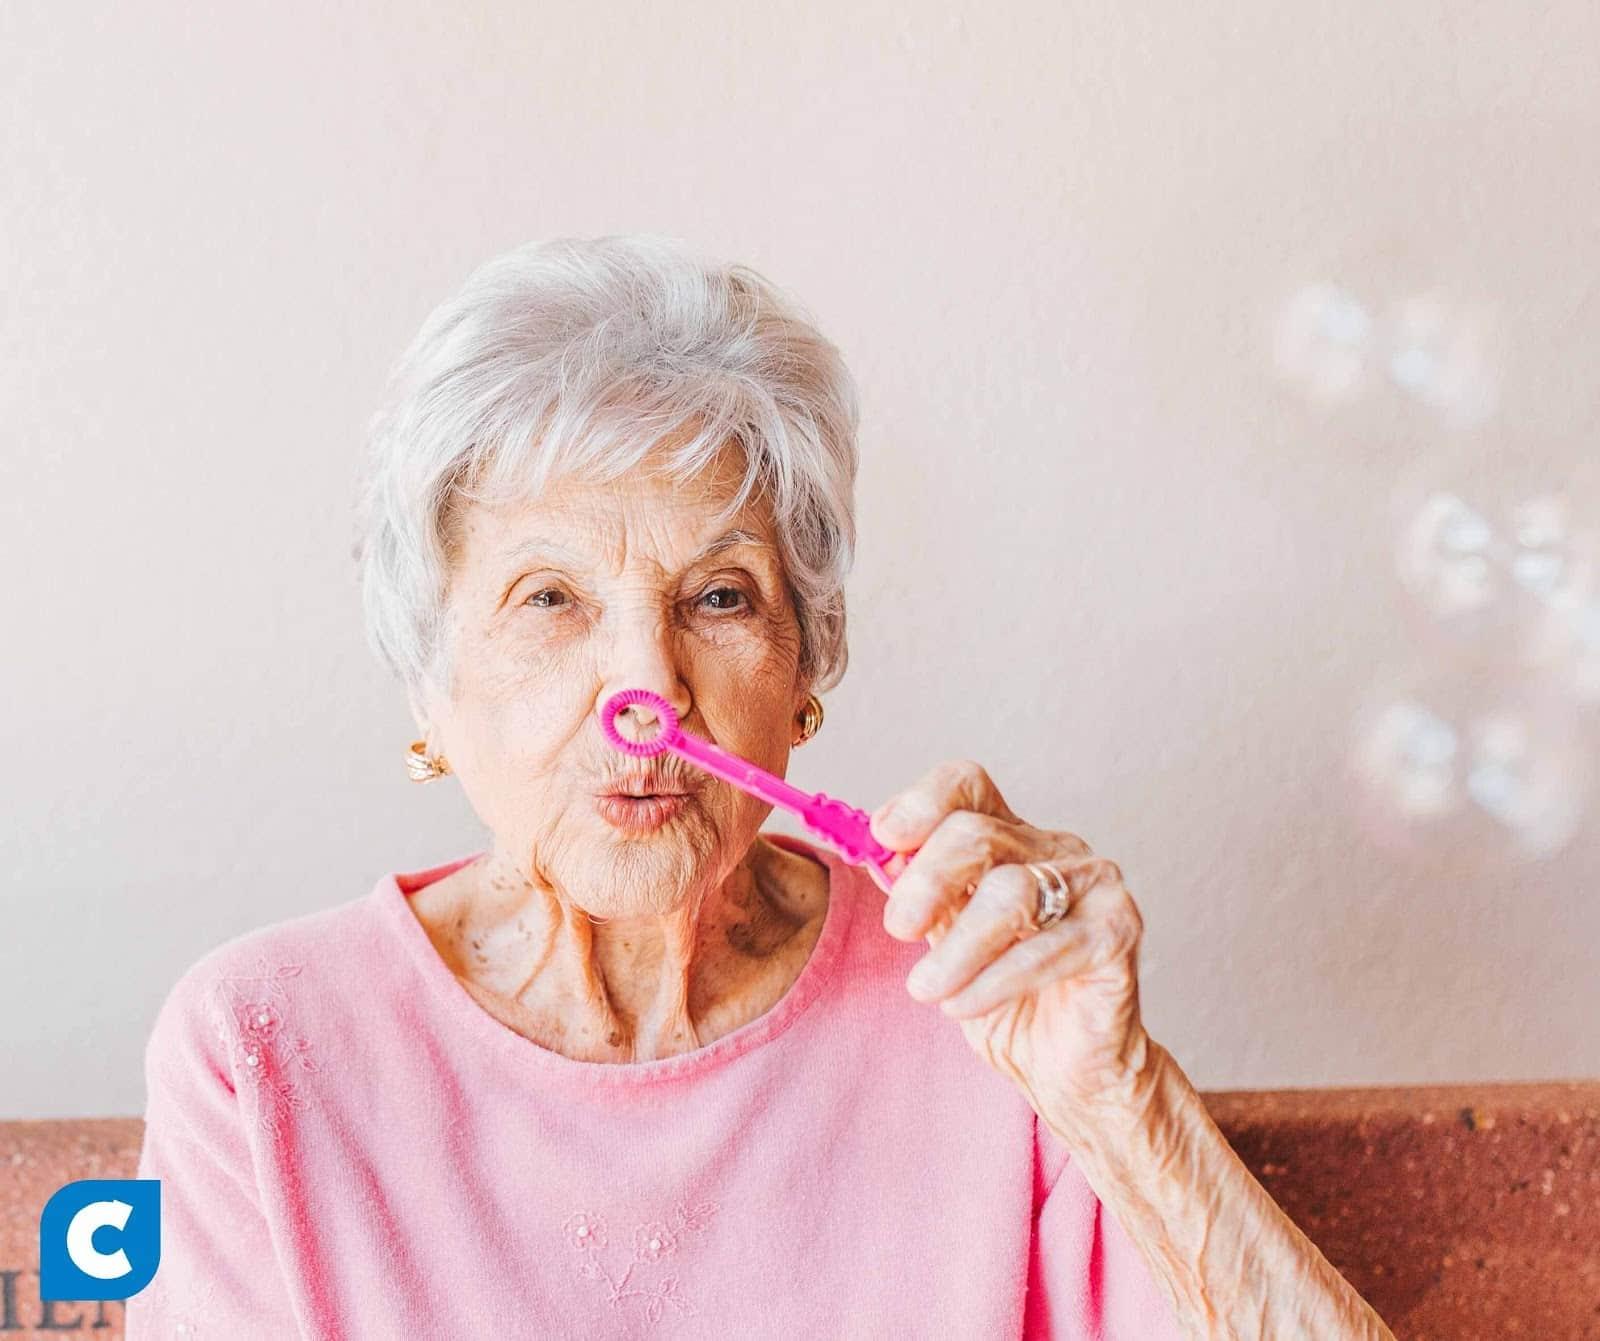 La Cessione del Quinto per i Pensionati: richiederla è semplicissimo